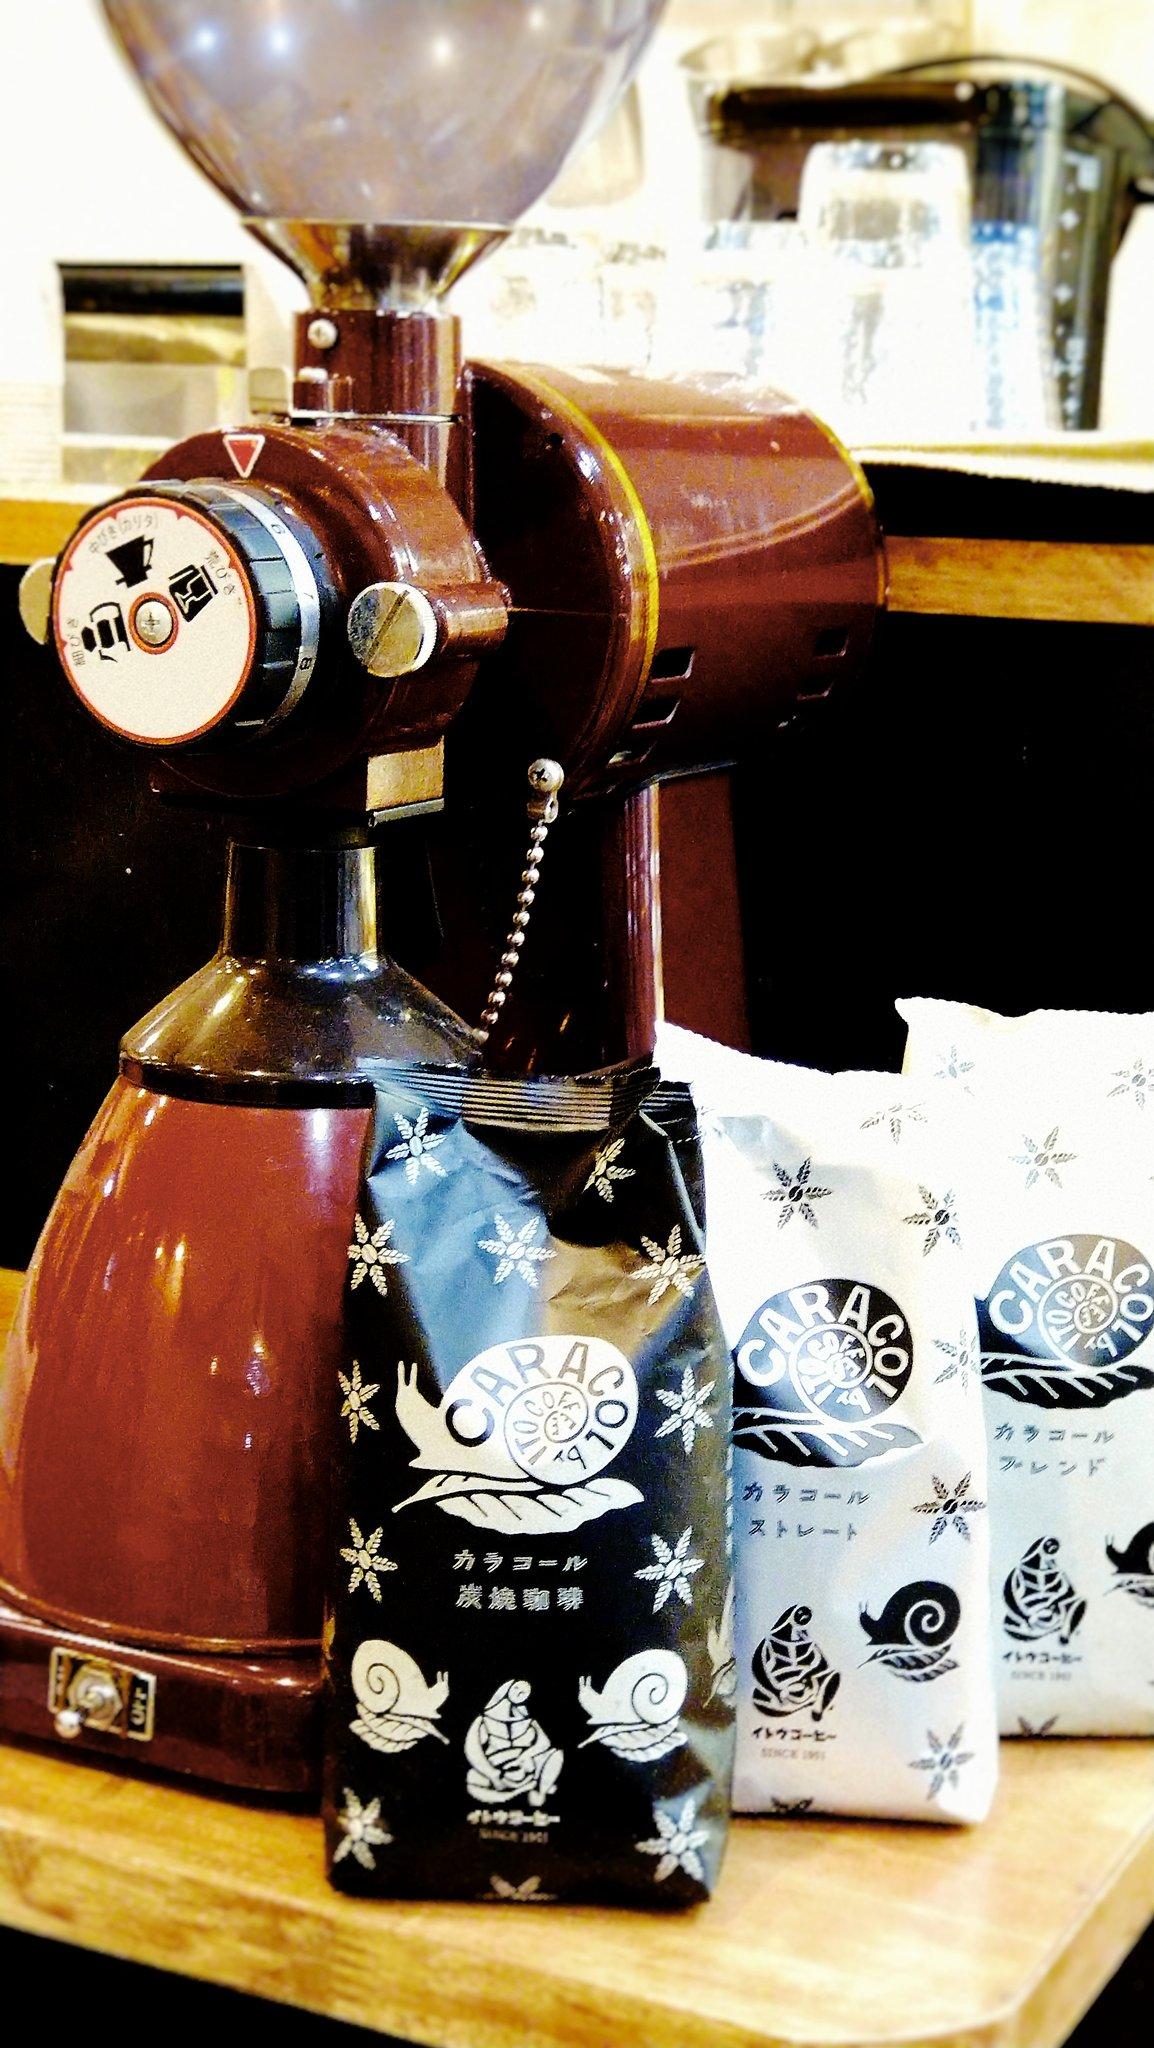 麺テイスティング・カフェショップ MENSTA 新商品のコーヒー豆